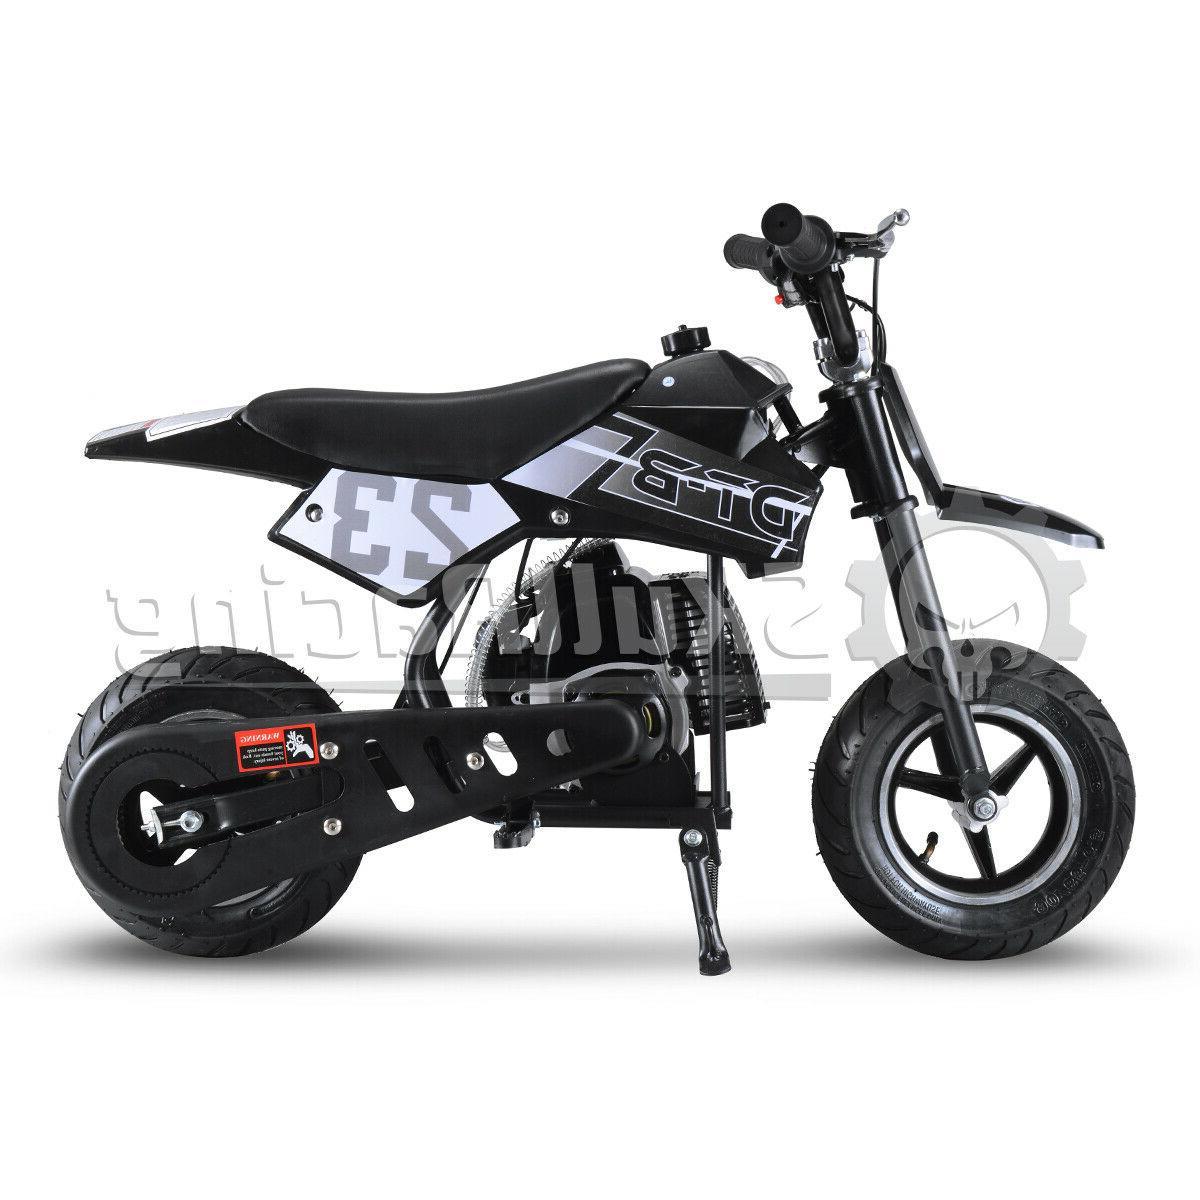 SkullRacing Mini Pocket Dirt Bike Motorcycle